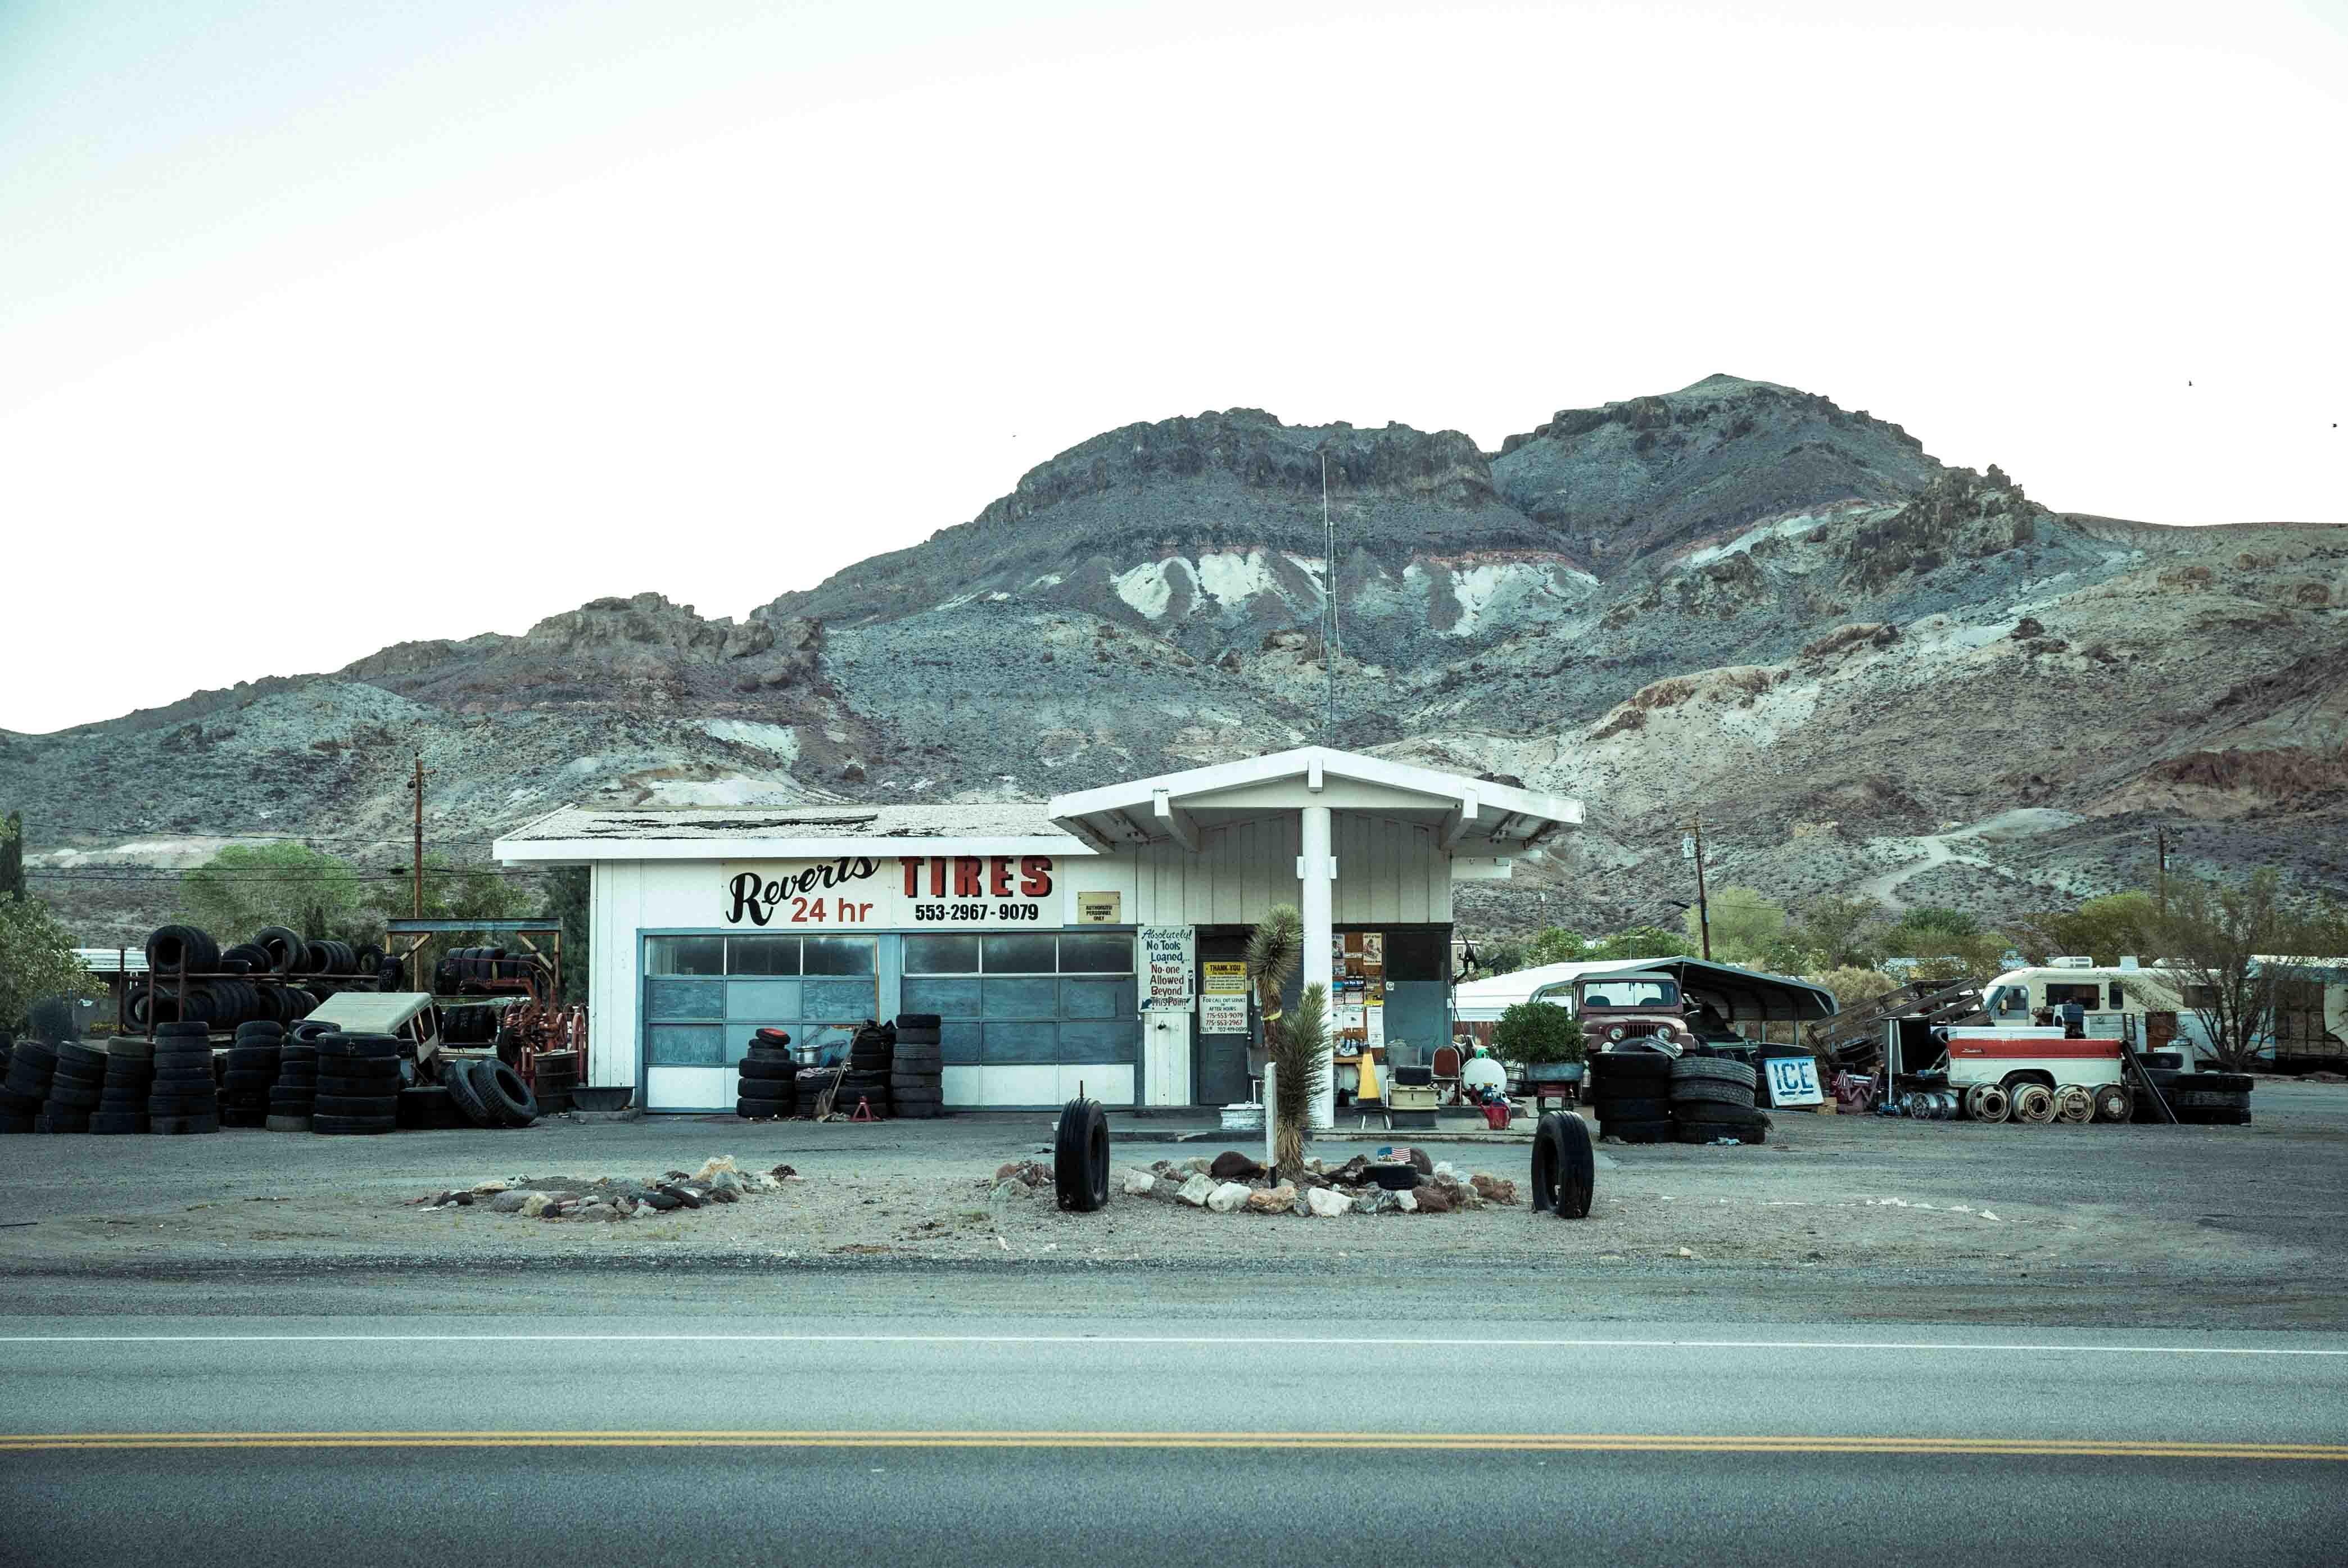 Beatty Death valley vallée de la mort Las Vegas Los Angeles San Francisco blog carnet de voyage voiture américaine station essence désert montagnes